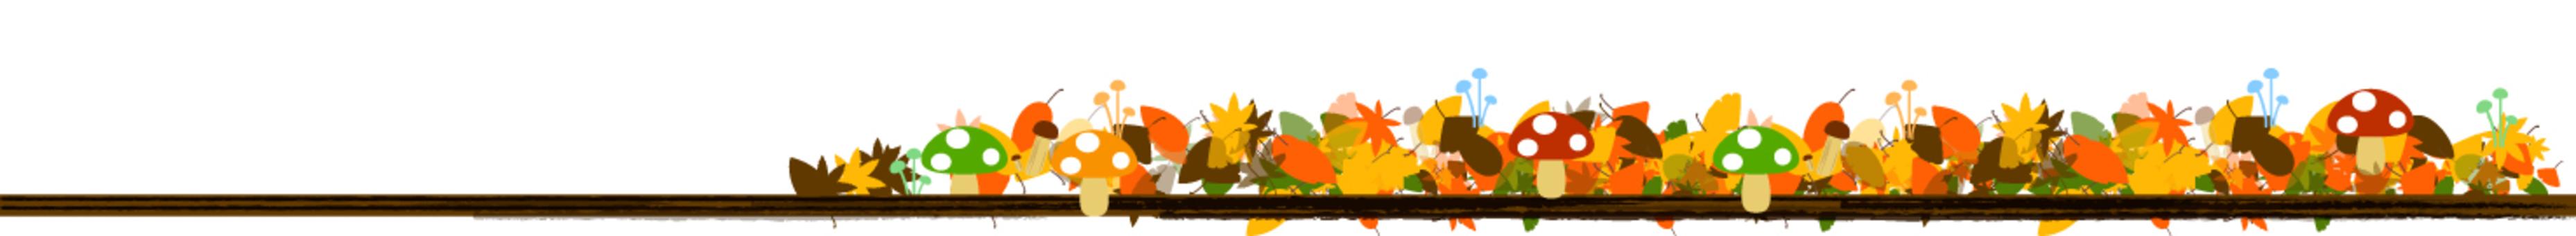 Title Decoration Autumn